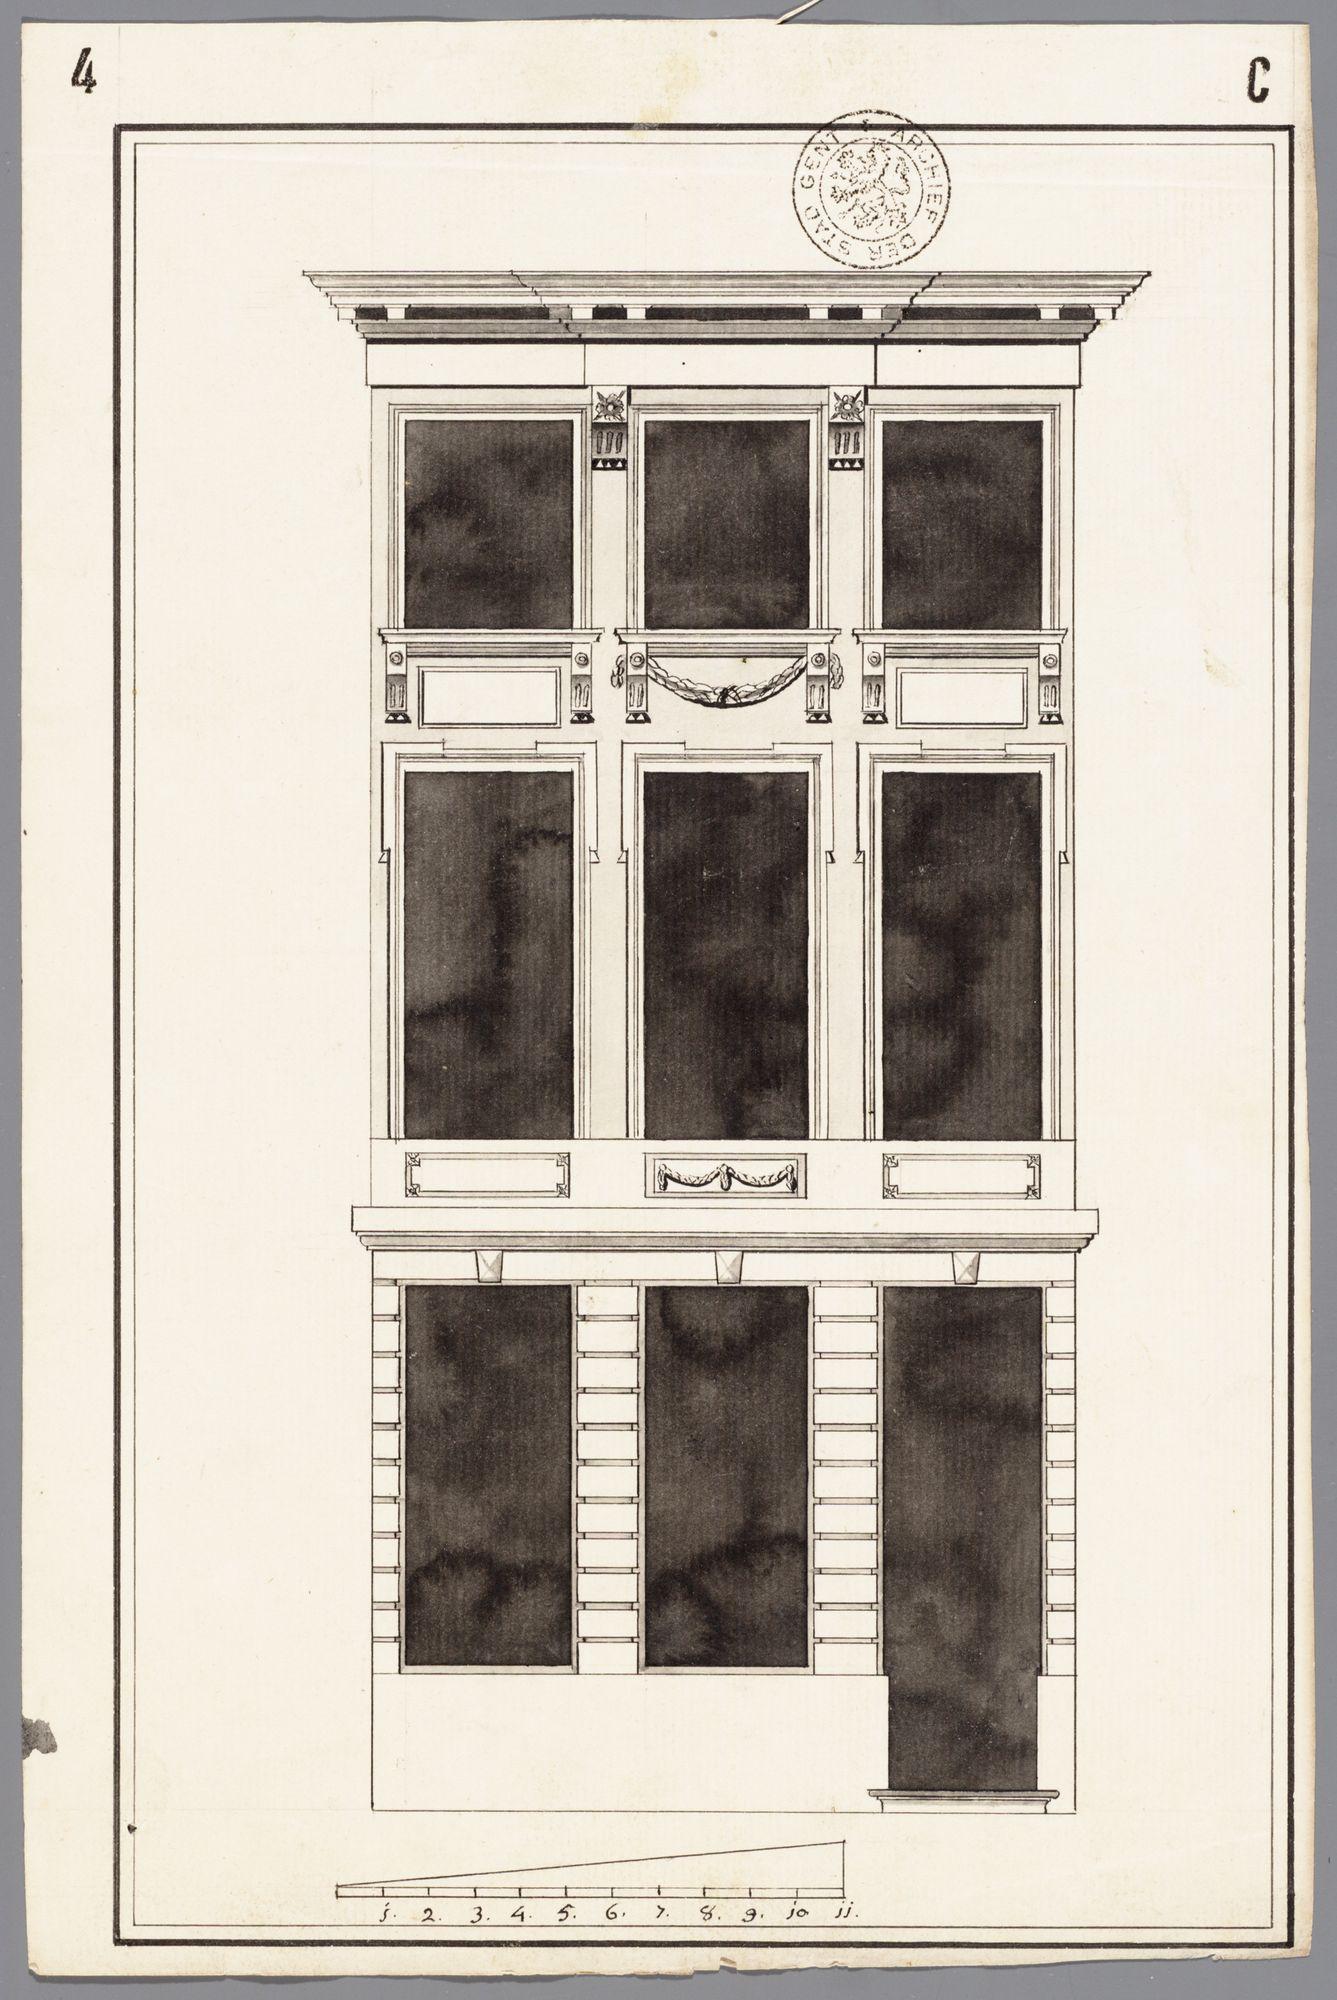 Gent: Hukkelgem (nu Belgradostraat), 1780: opstand gevel